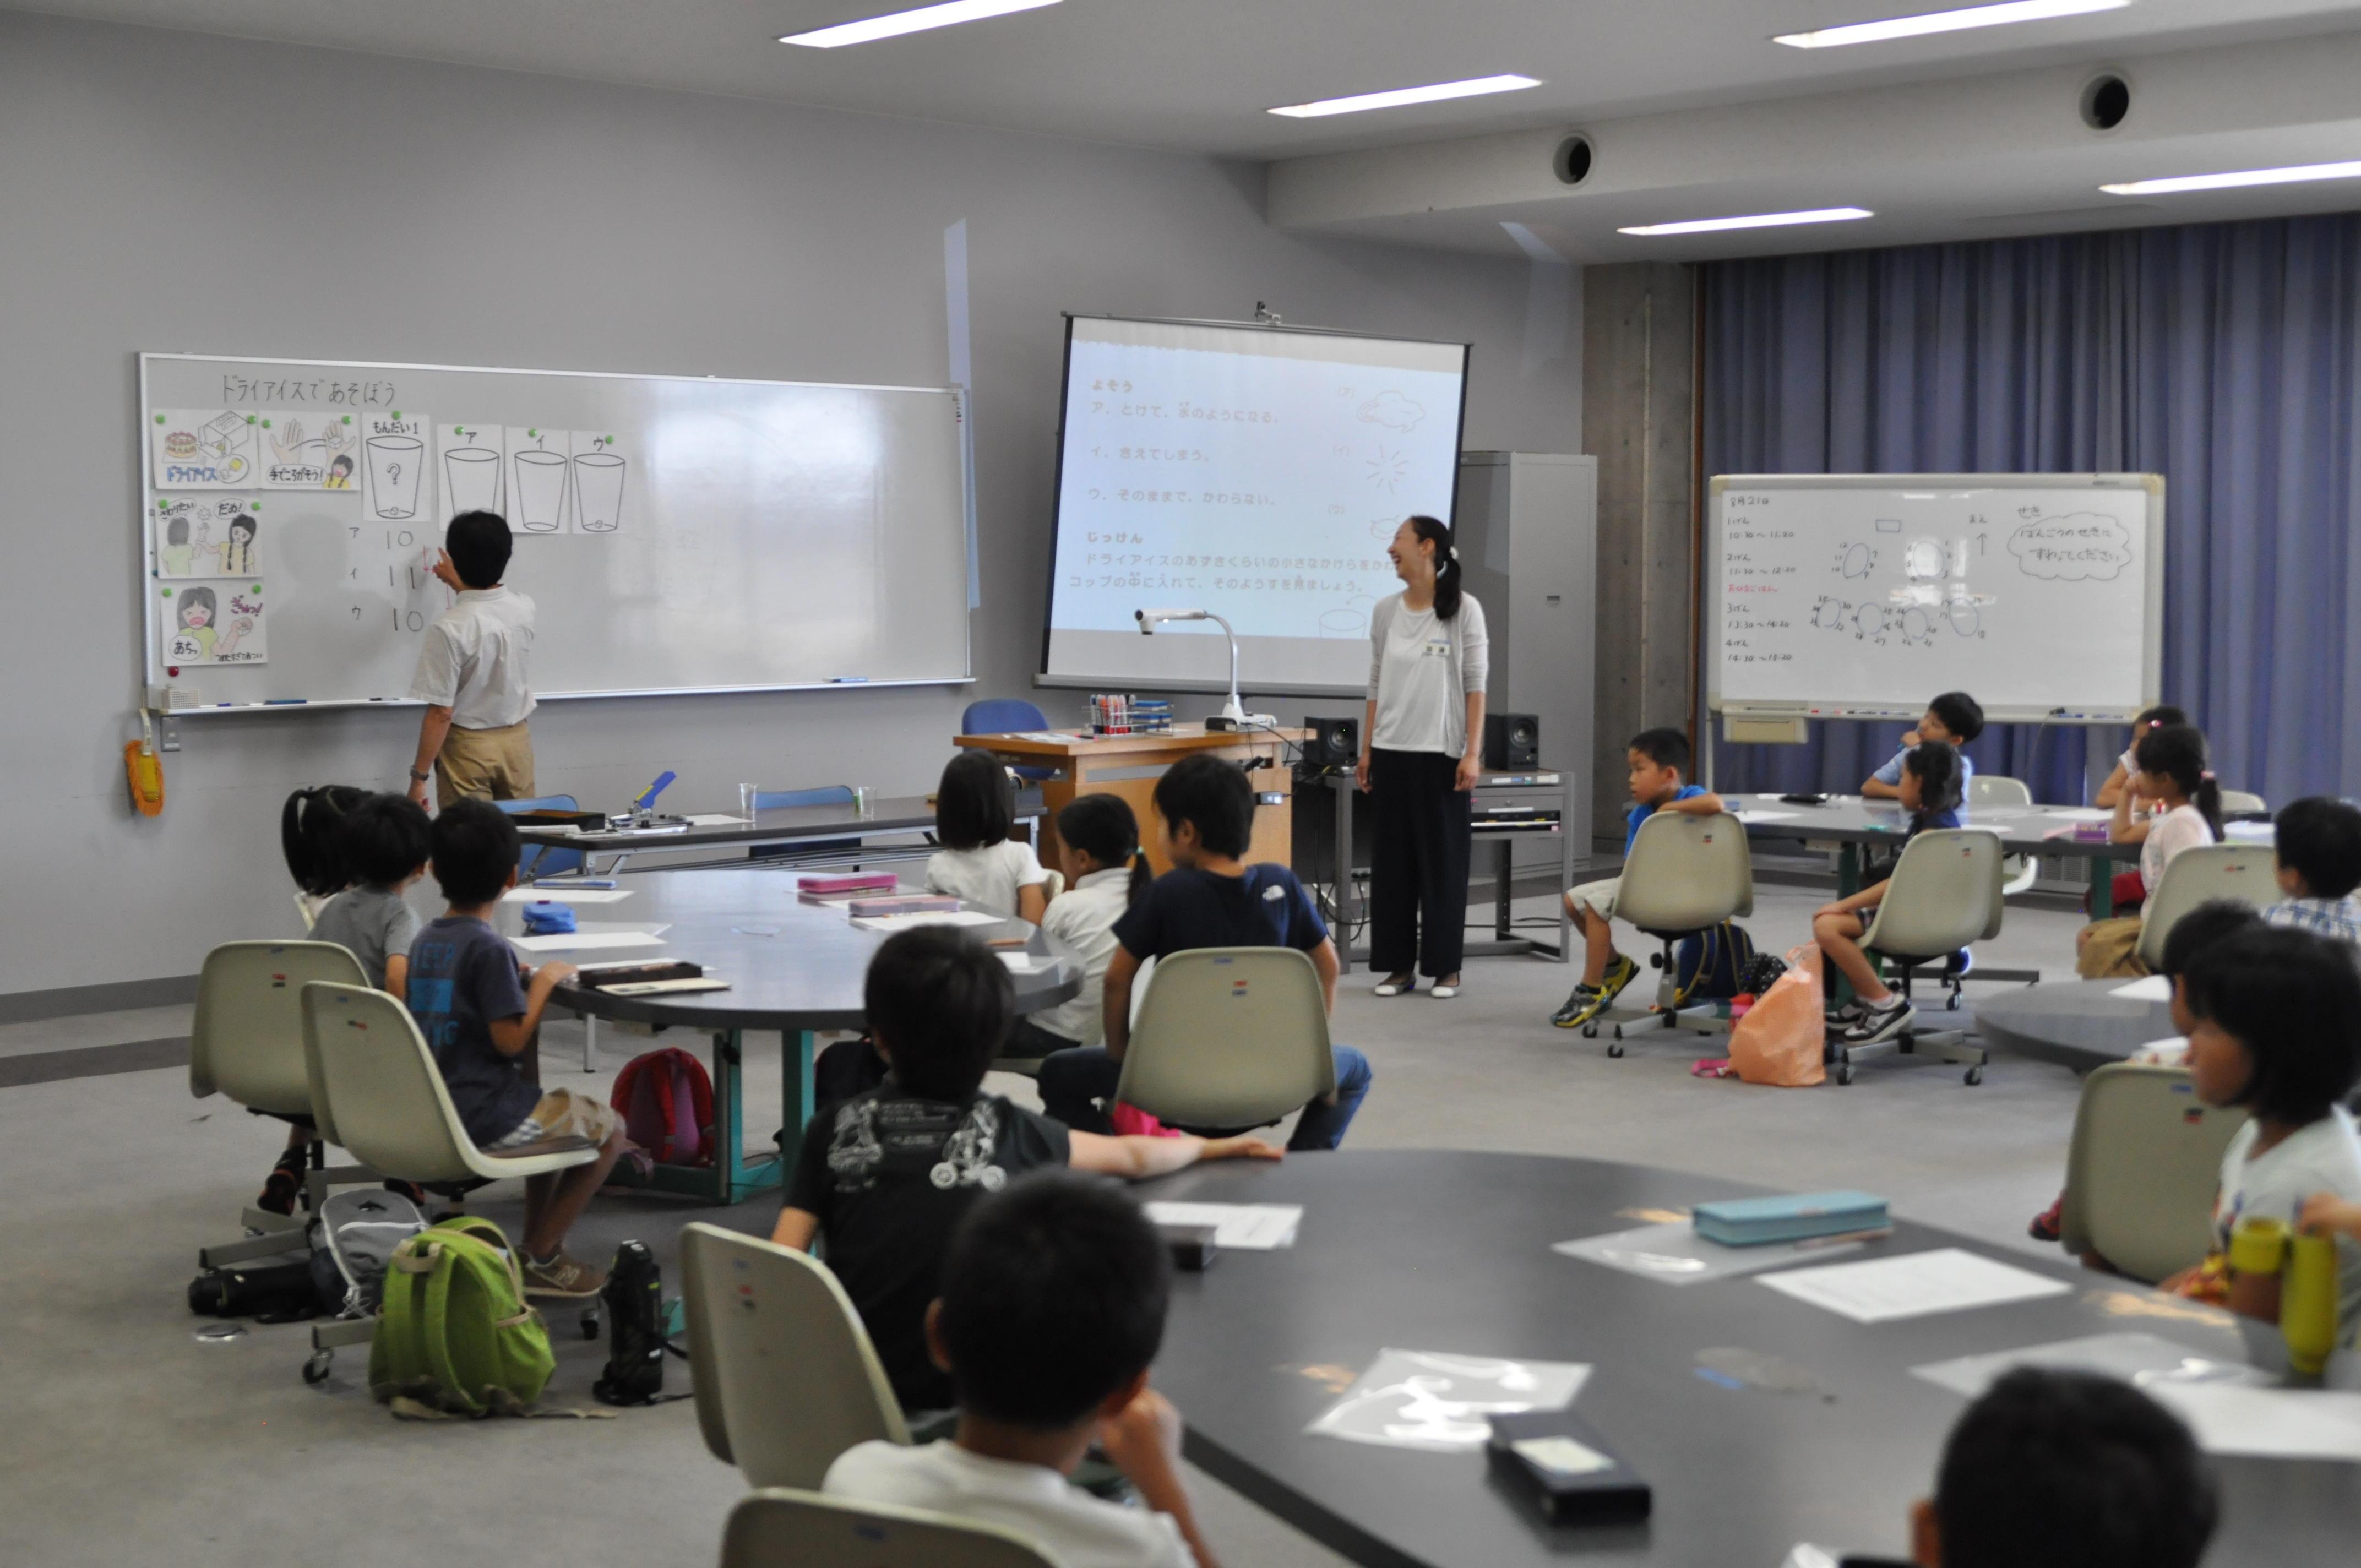 今年で25回目。小・中・高校生367名を対象に「科学実験教室」と「ものづくり教室」あわせて13講座を実施。KITサマー・サイエンス・スクールを8月21日(水)・22日(木)に開催(※2日間で1講座)